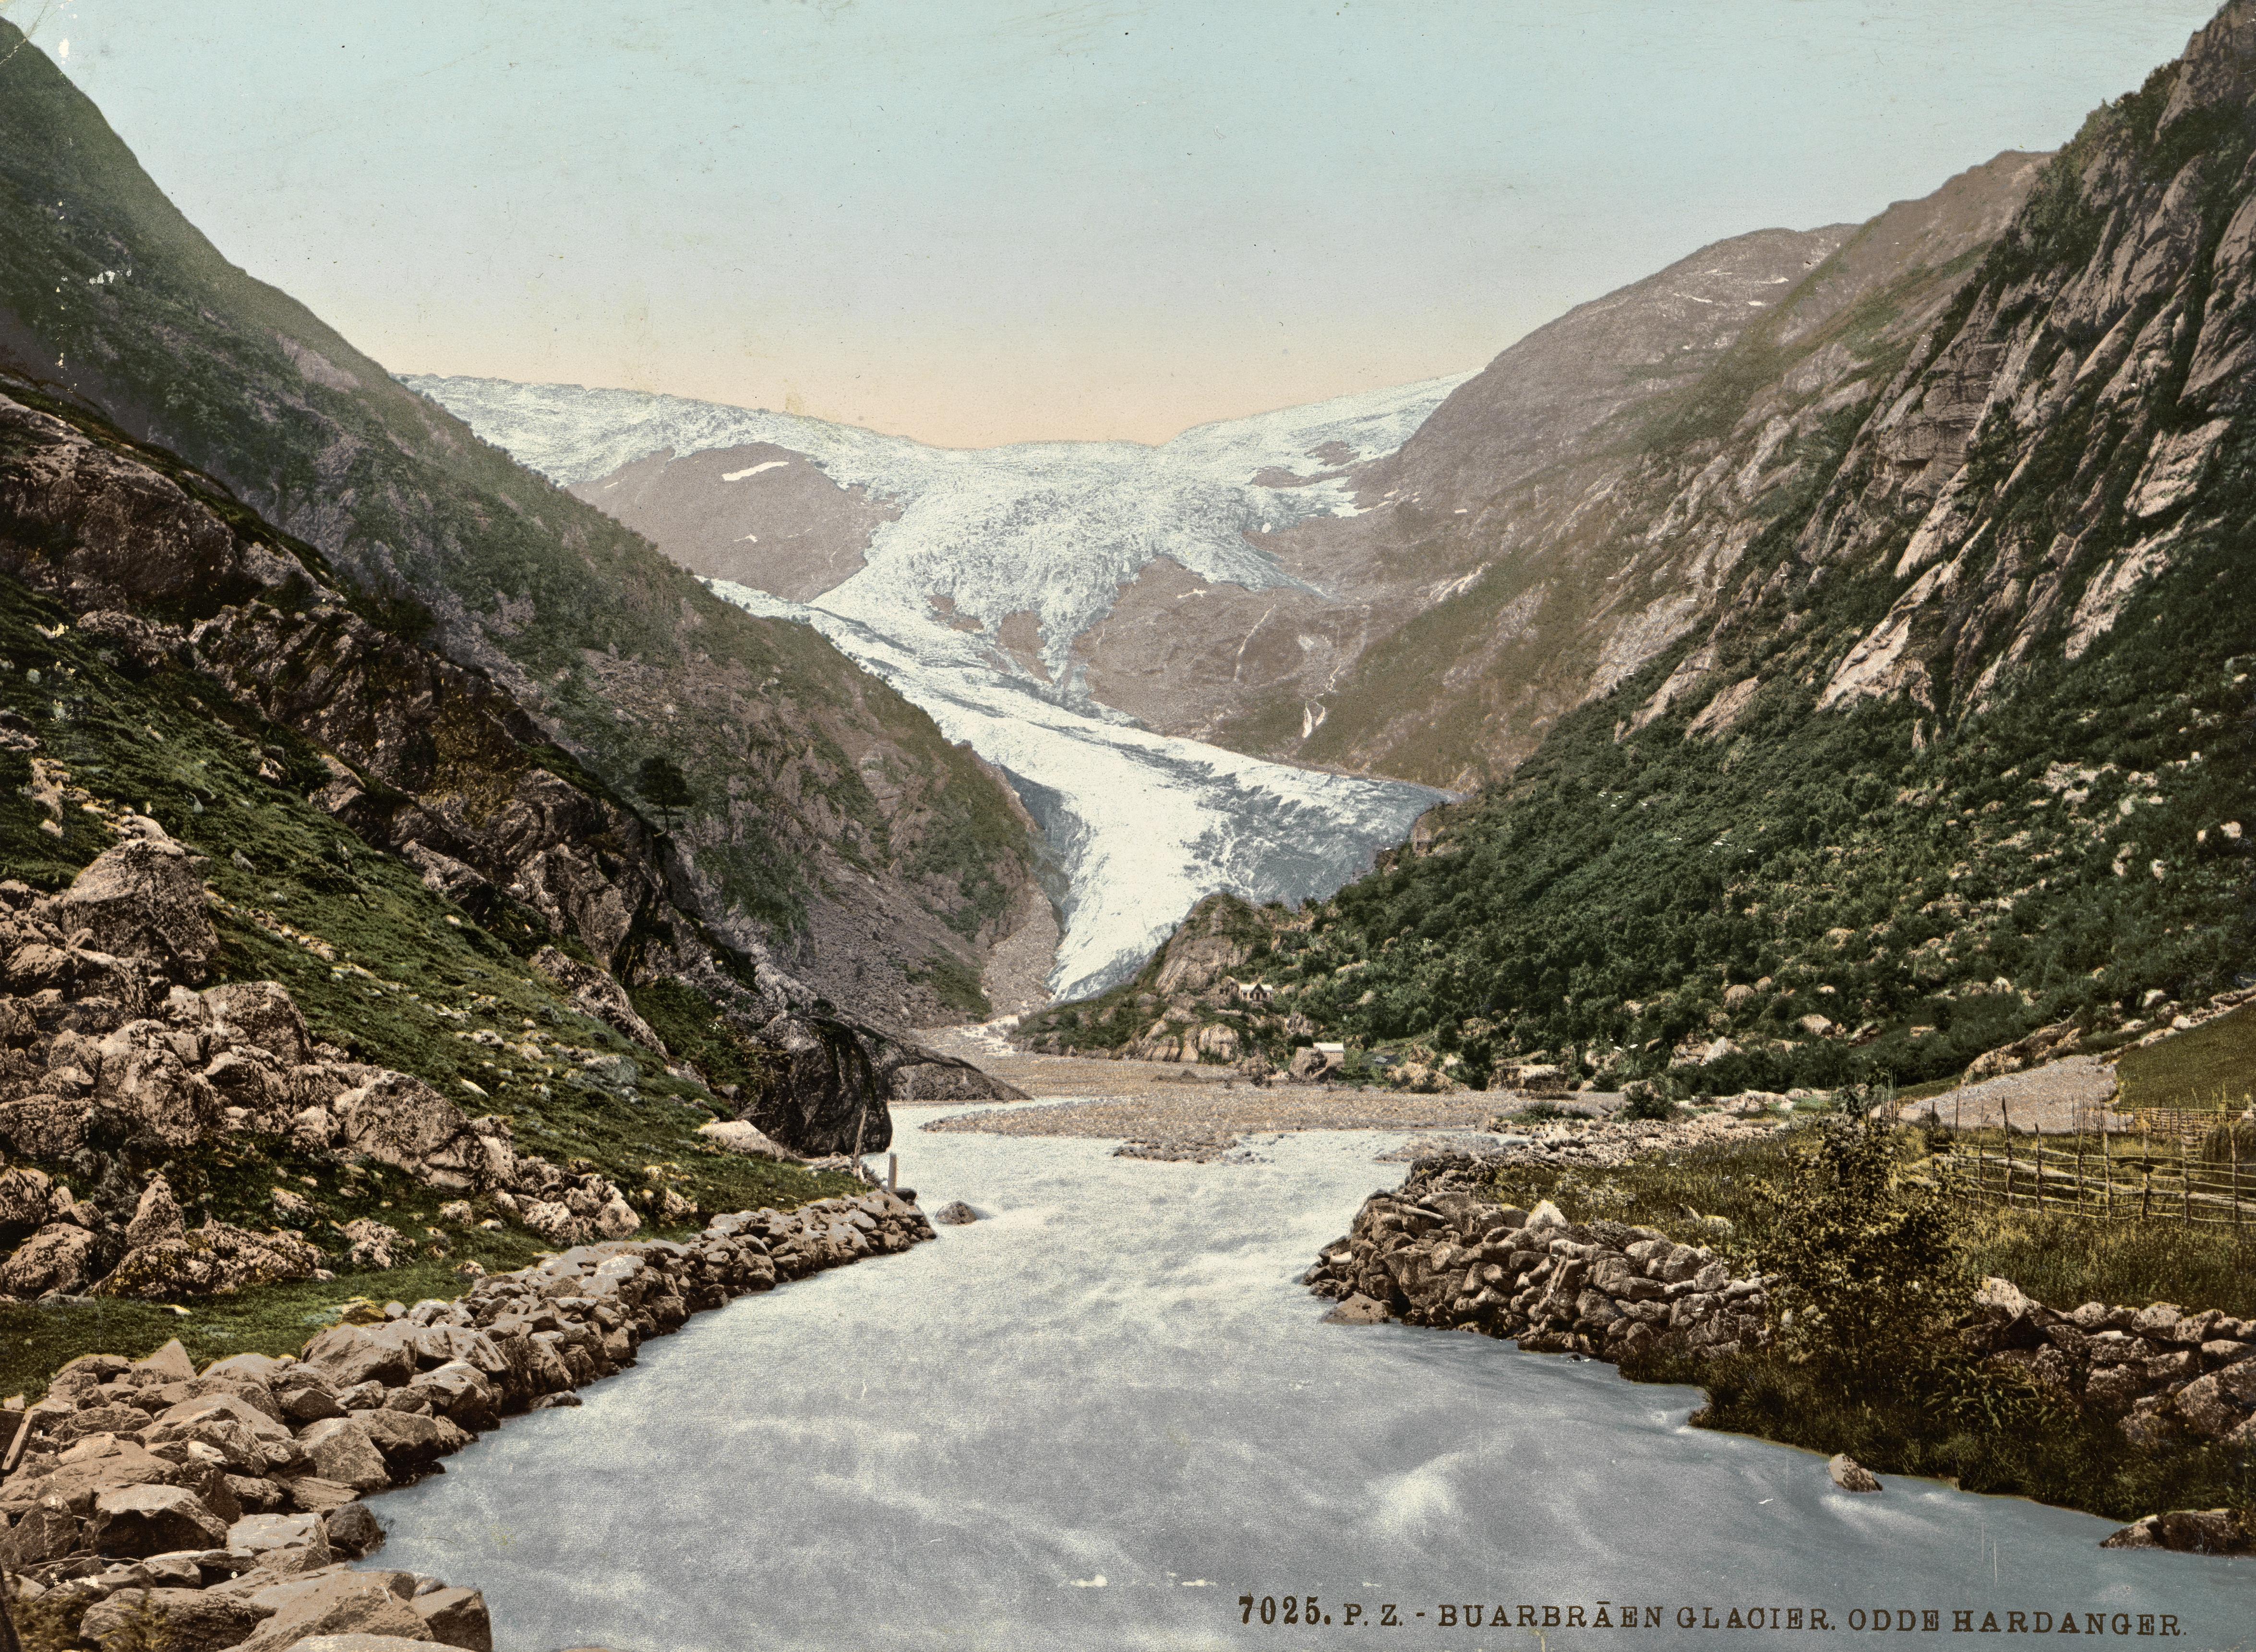 7025. P. Z. Buarbraen Glacier. Odde Hardanger